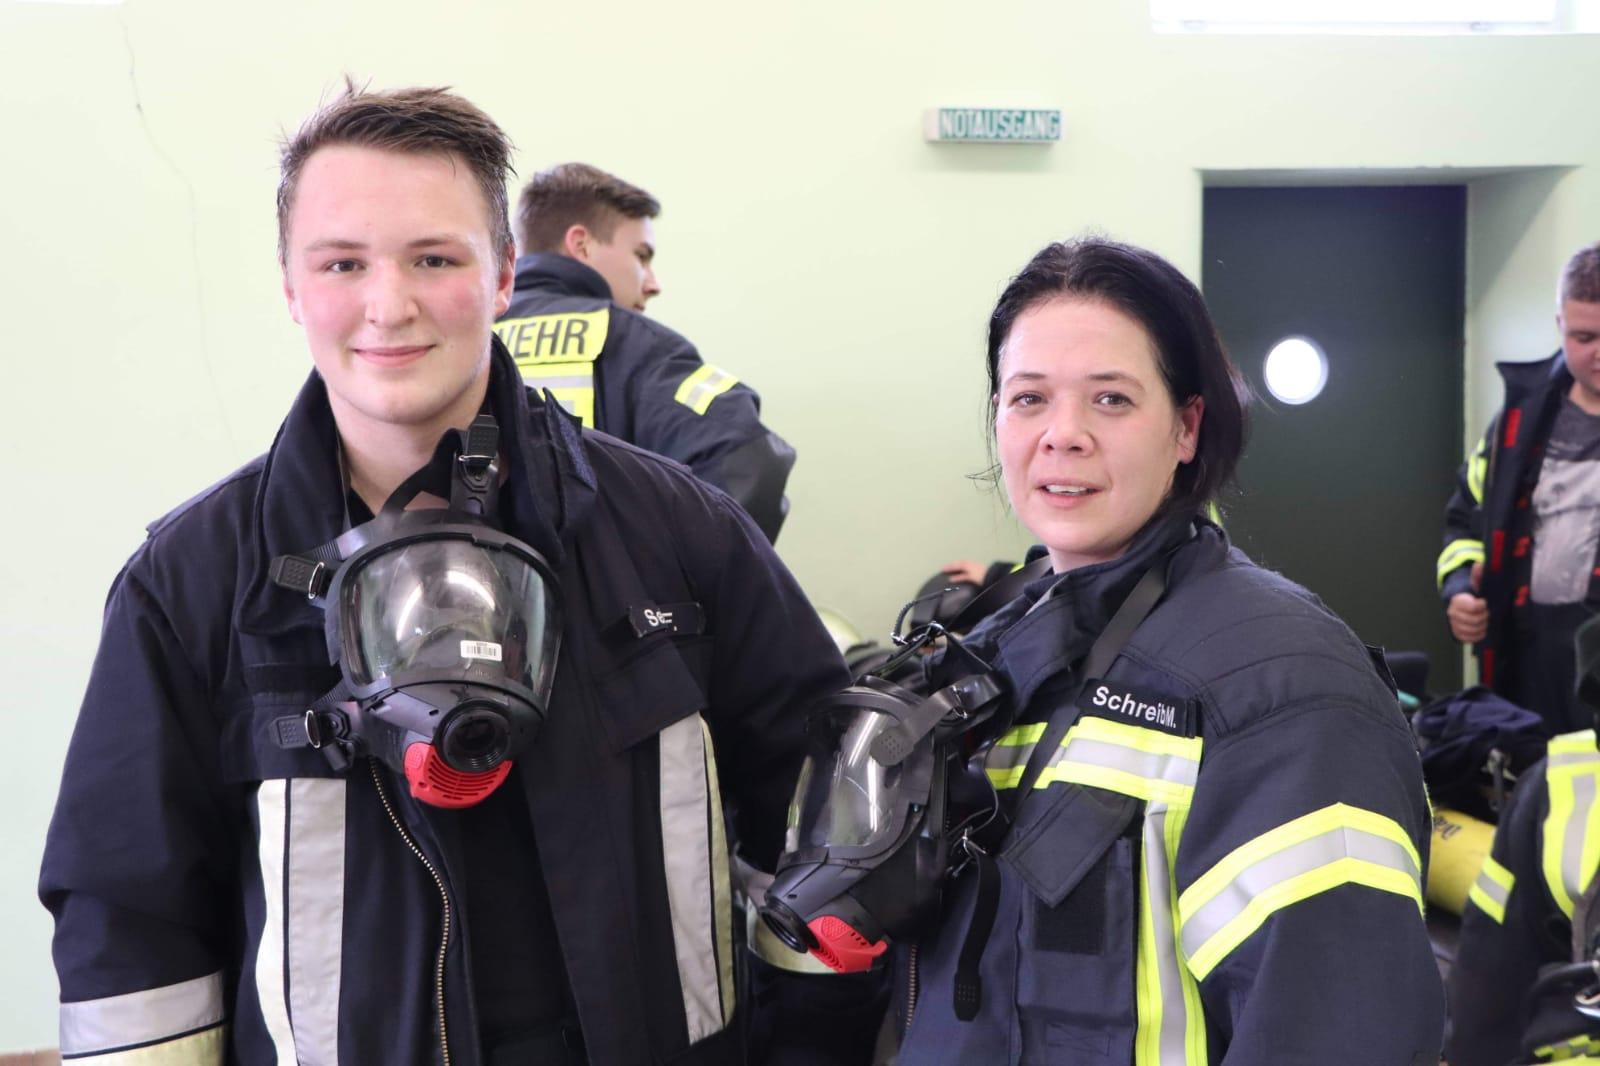 Atemschutz – Fabian Seidl und Melanie Schreib